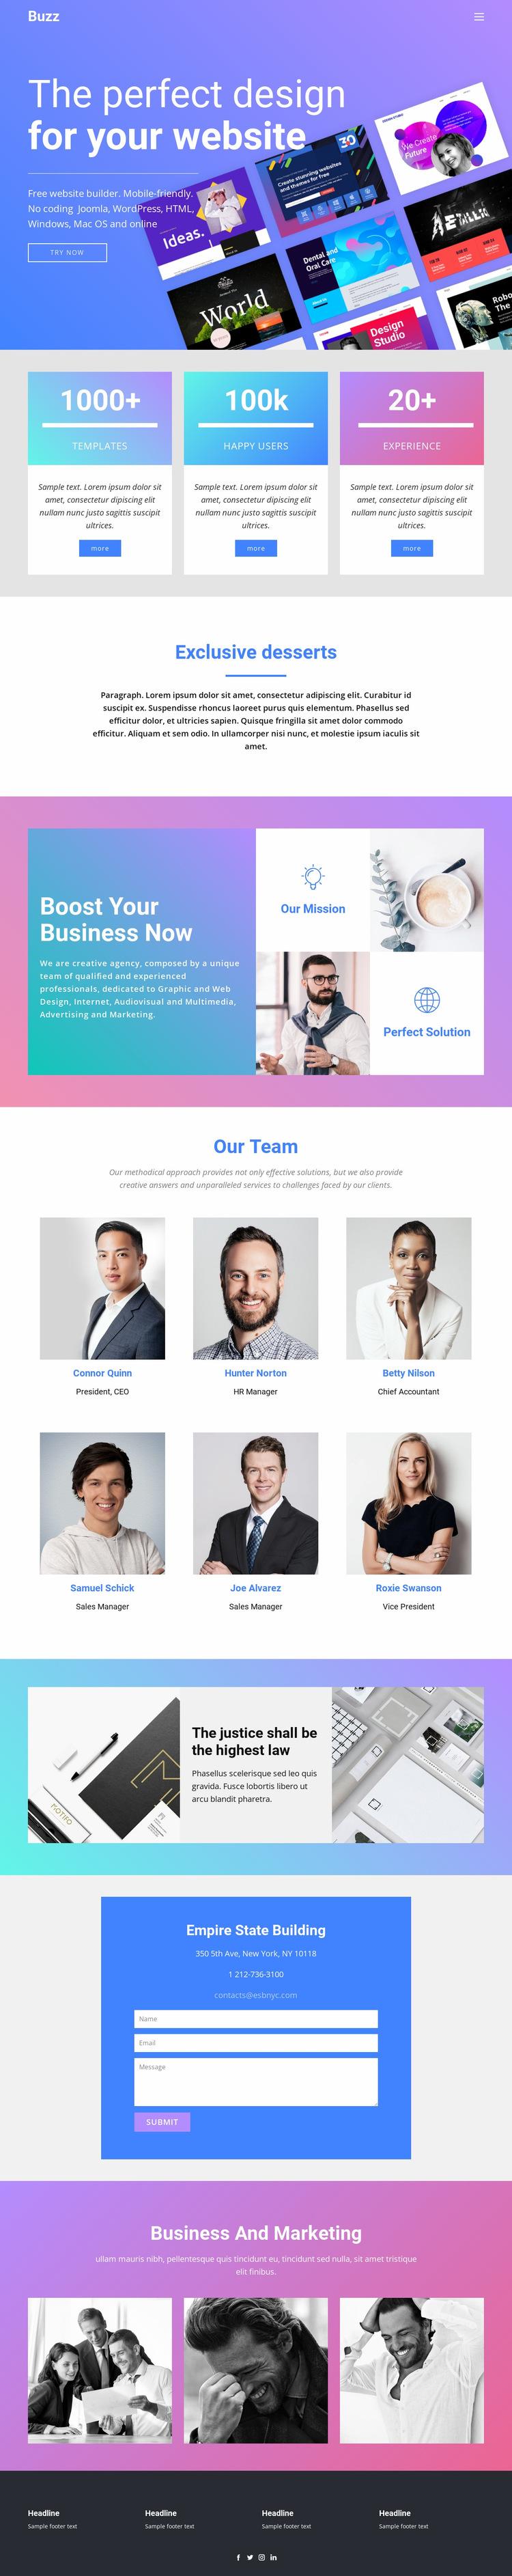 Design websites for business Website Builder